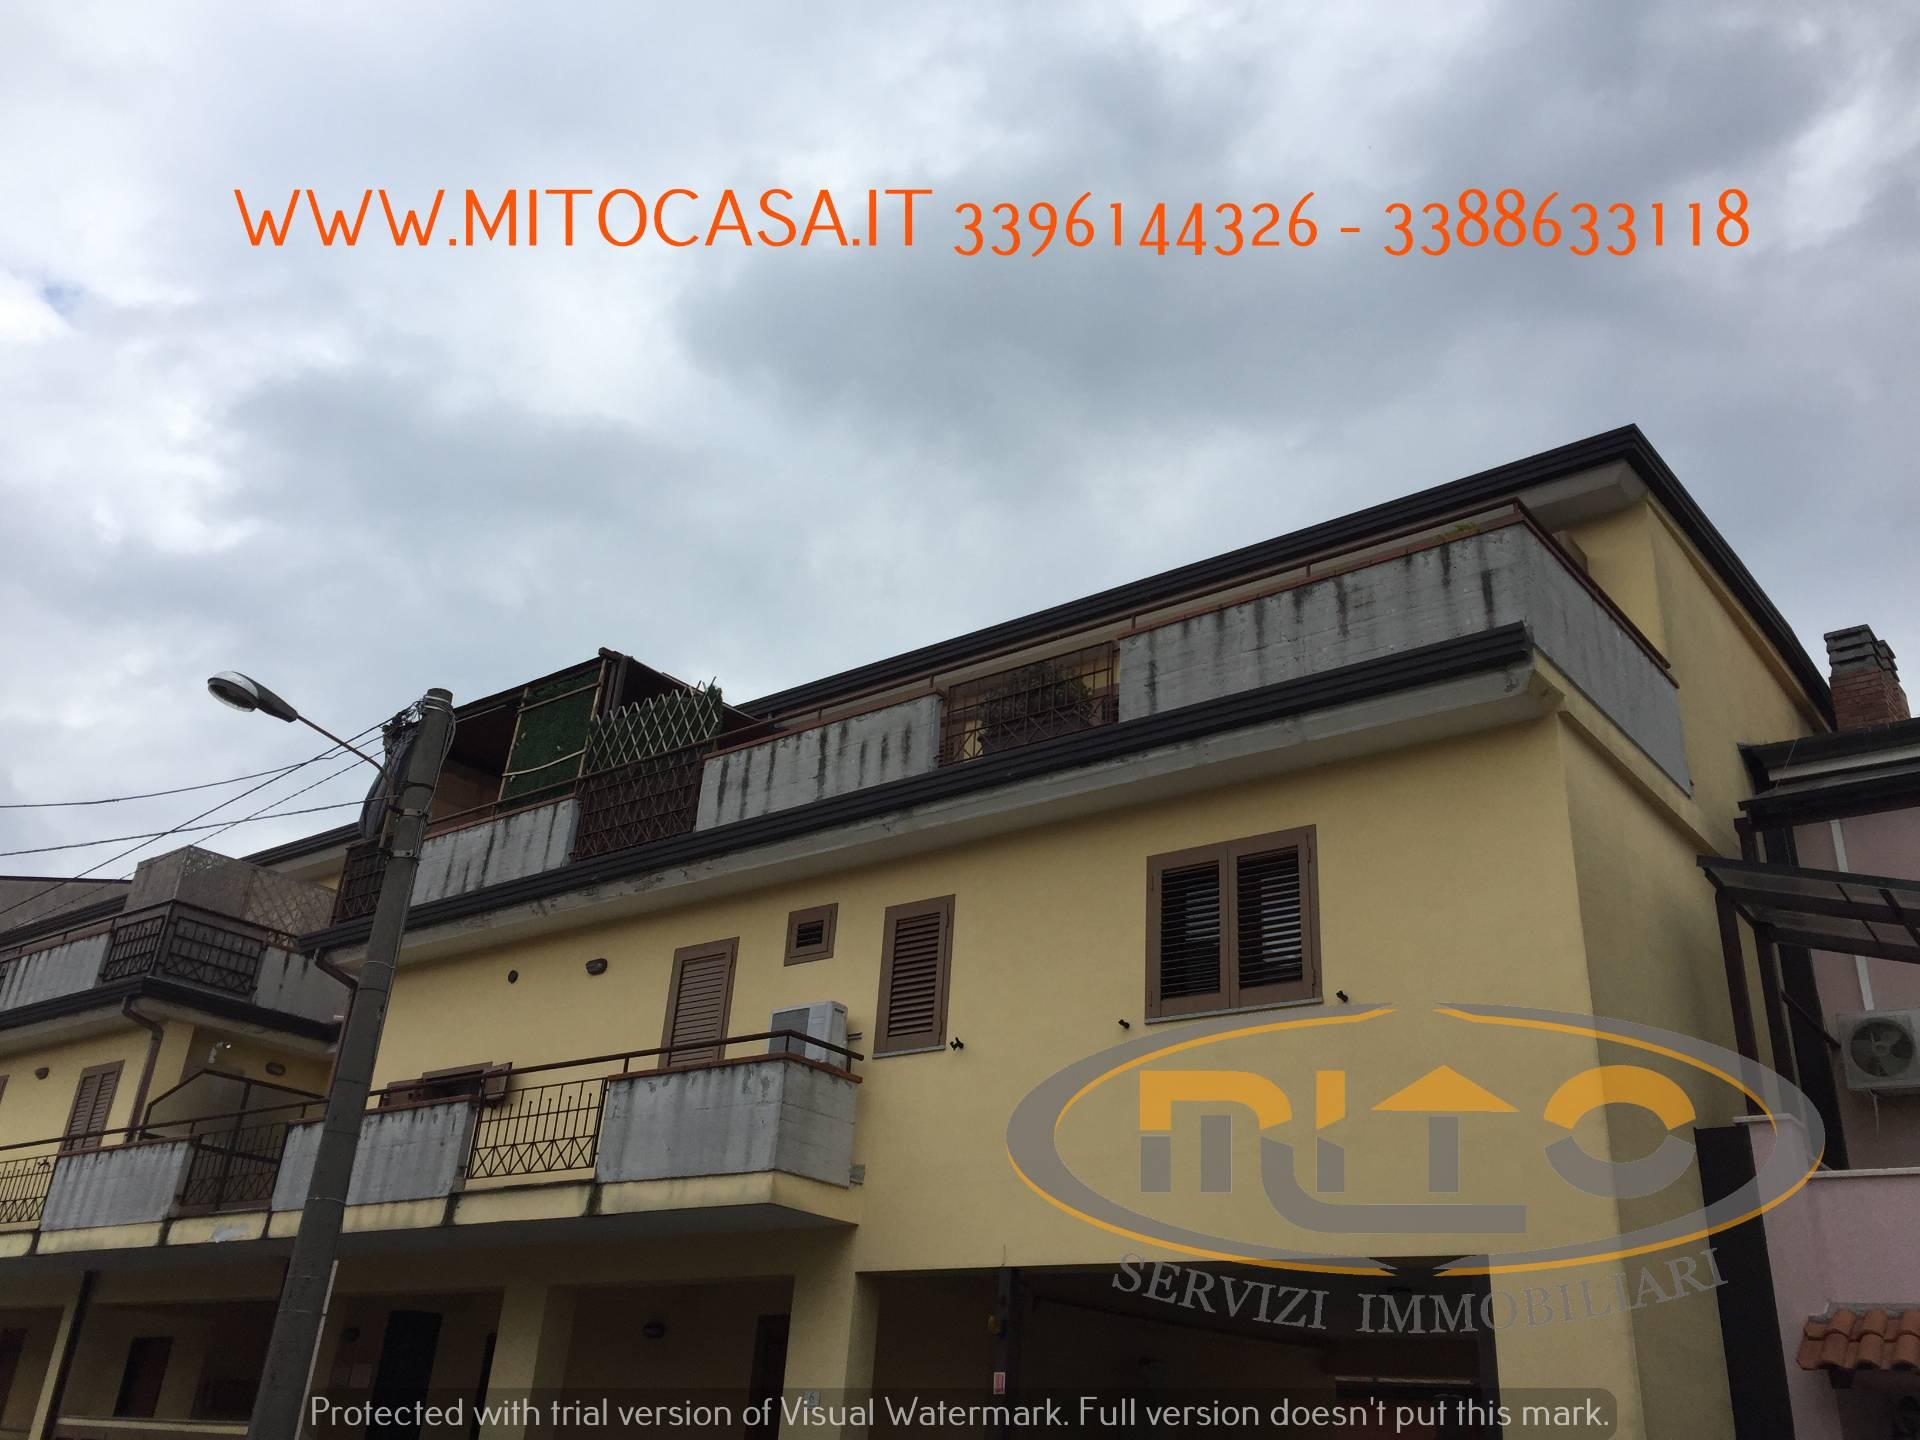 Appartamento in vendita a Telese Terme, 4 locali, prezzo € 120.000 | CambioCasa.it